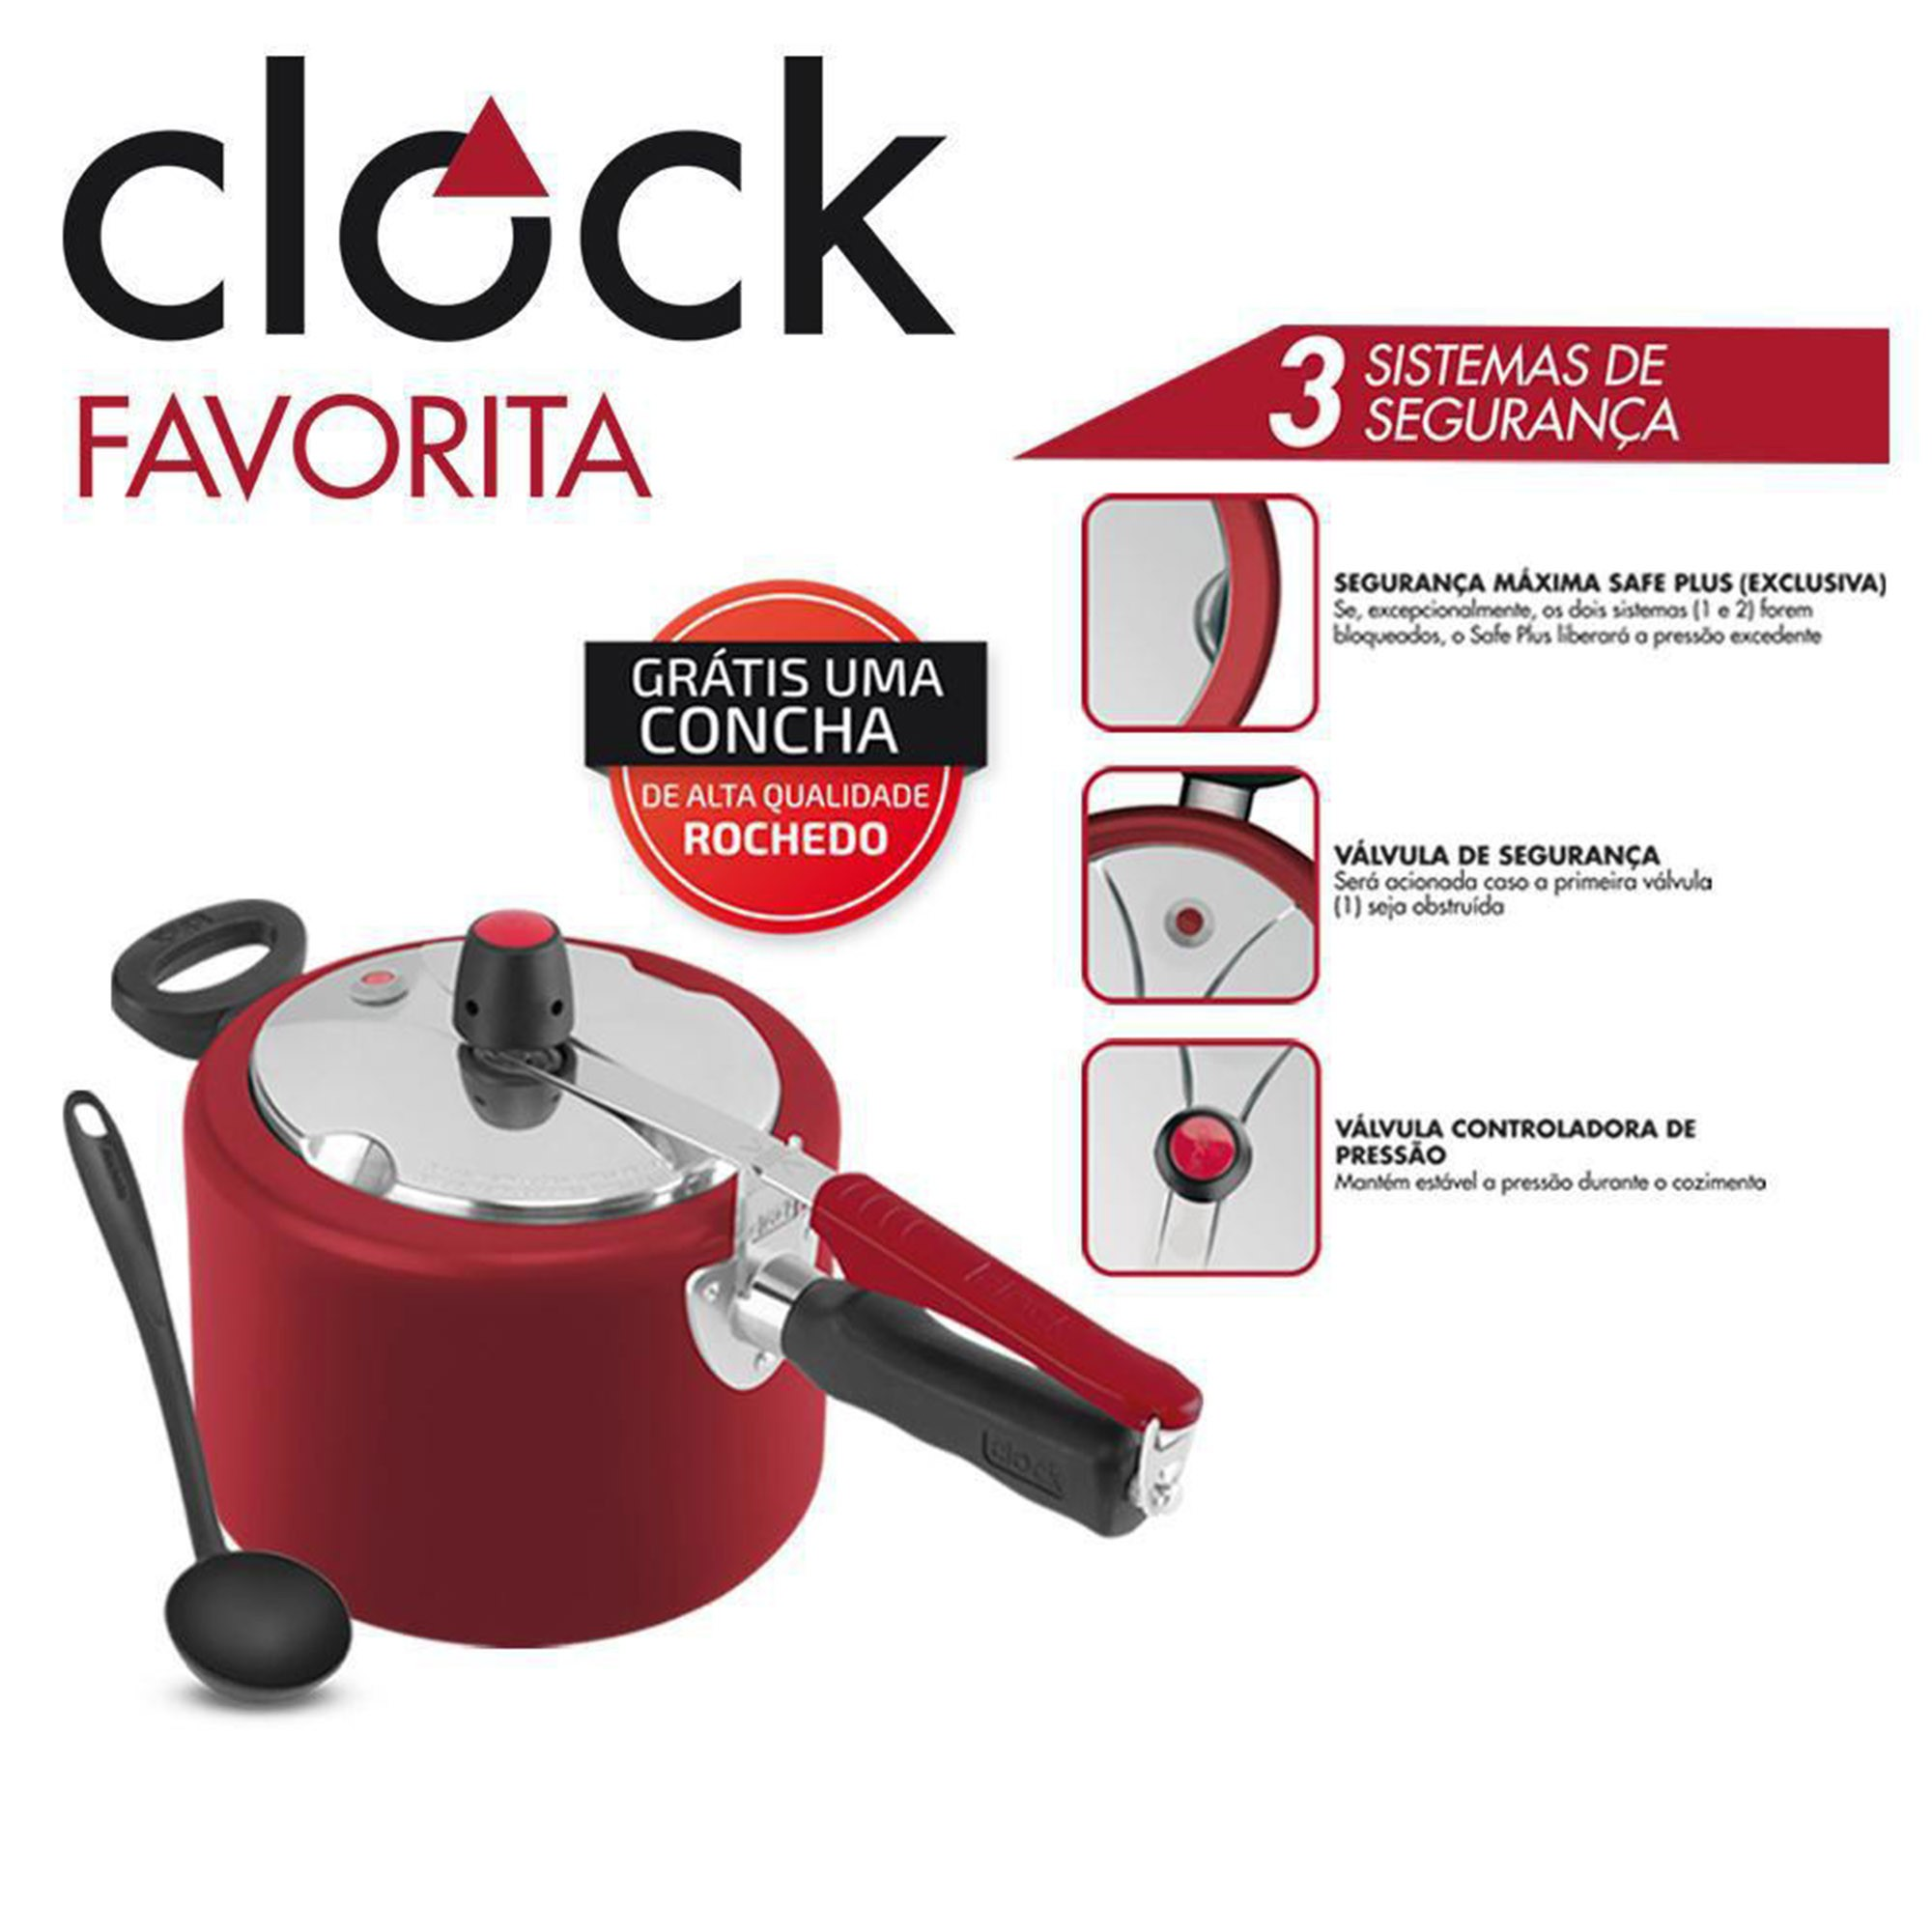 Panela De Pressão Clock Favorita 4,5L Alumínio Vermelha + Concha